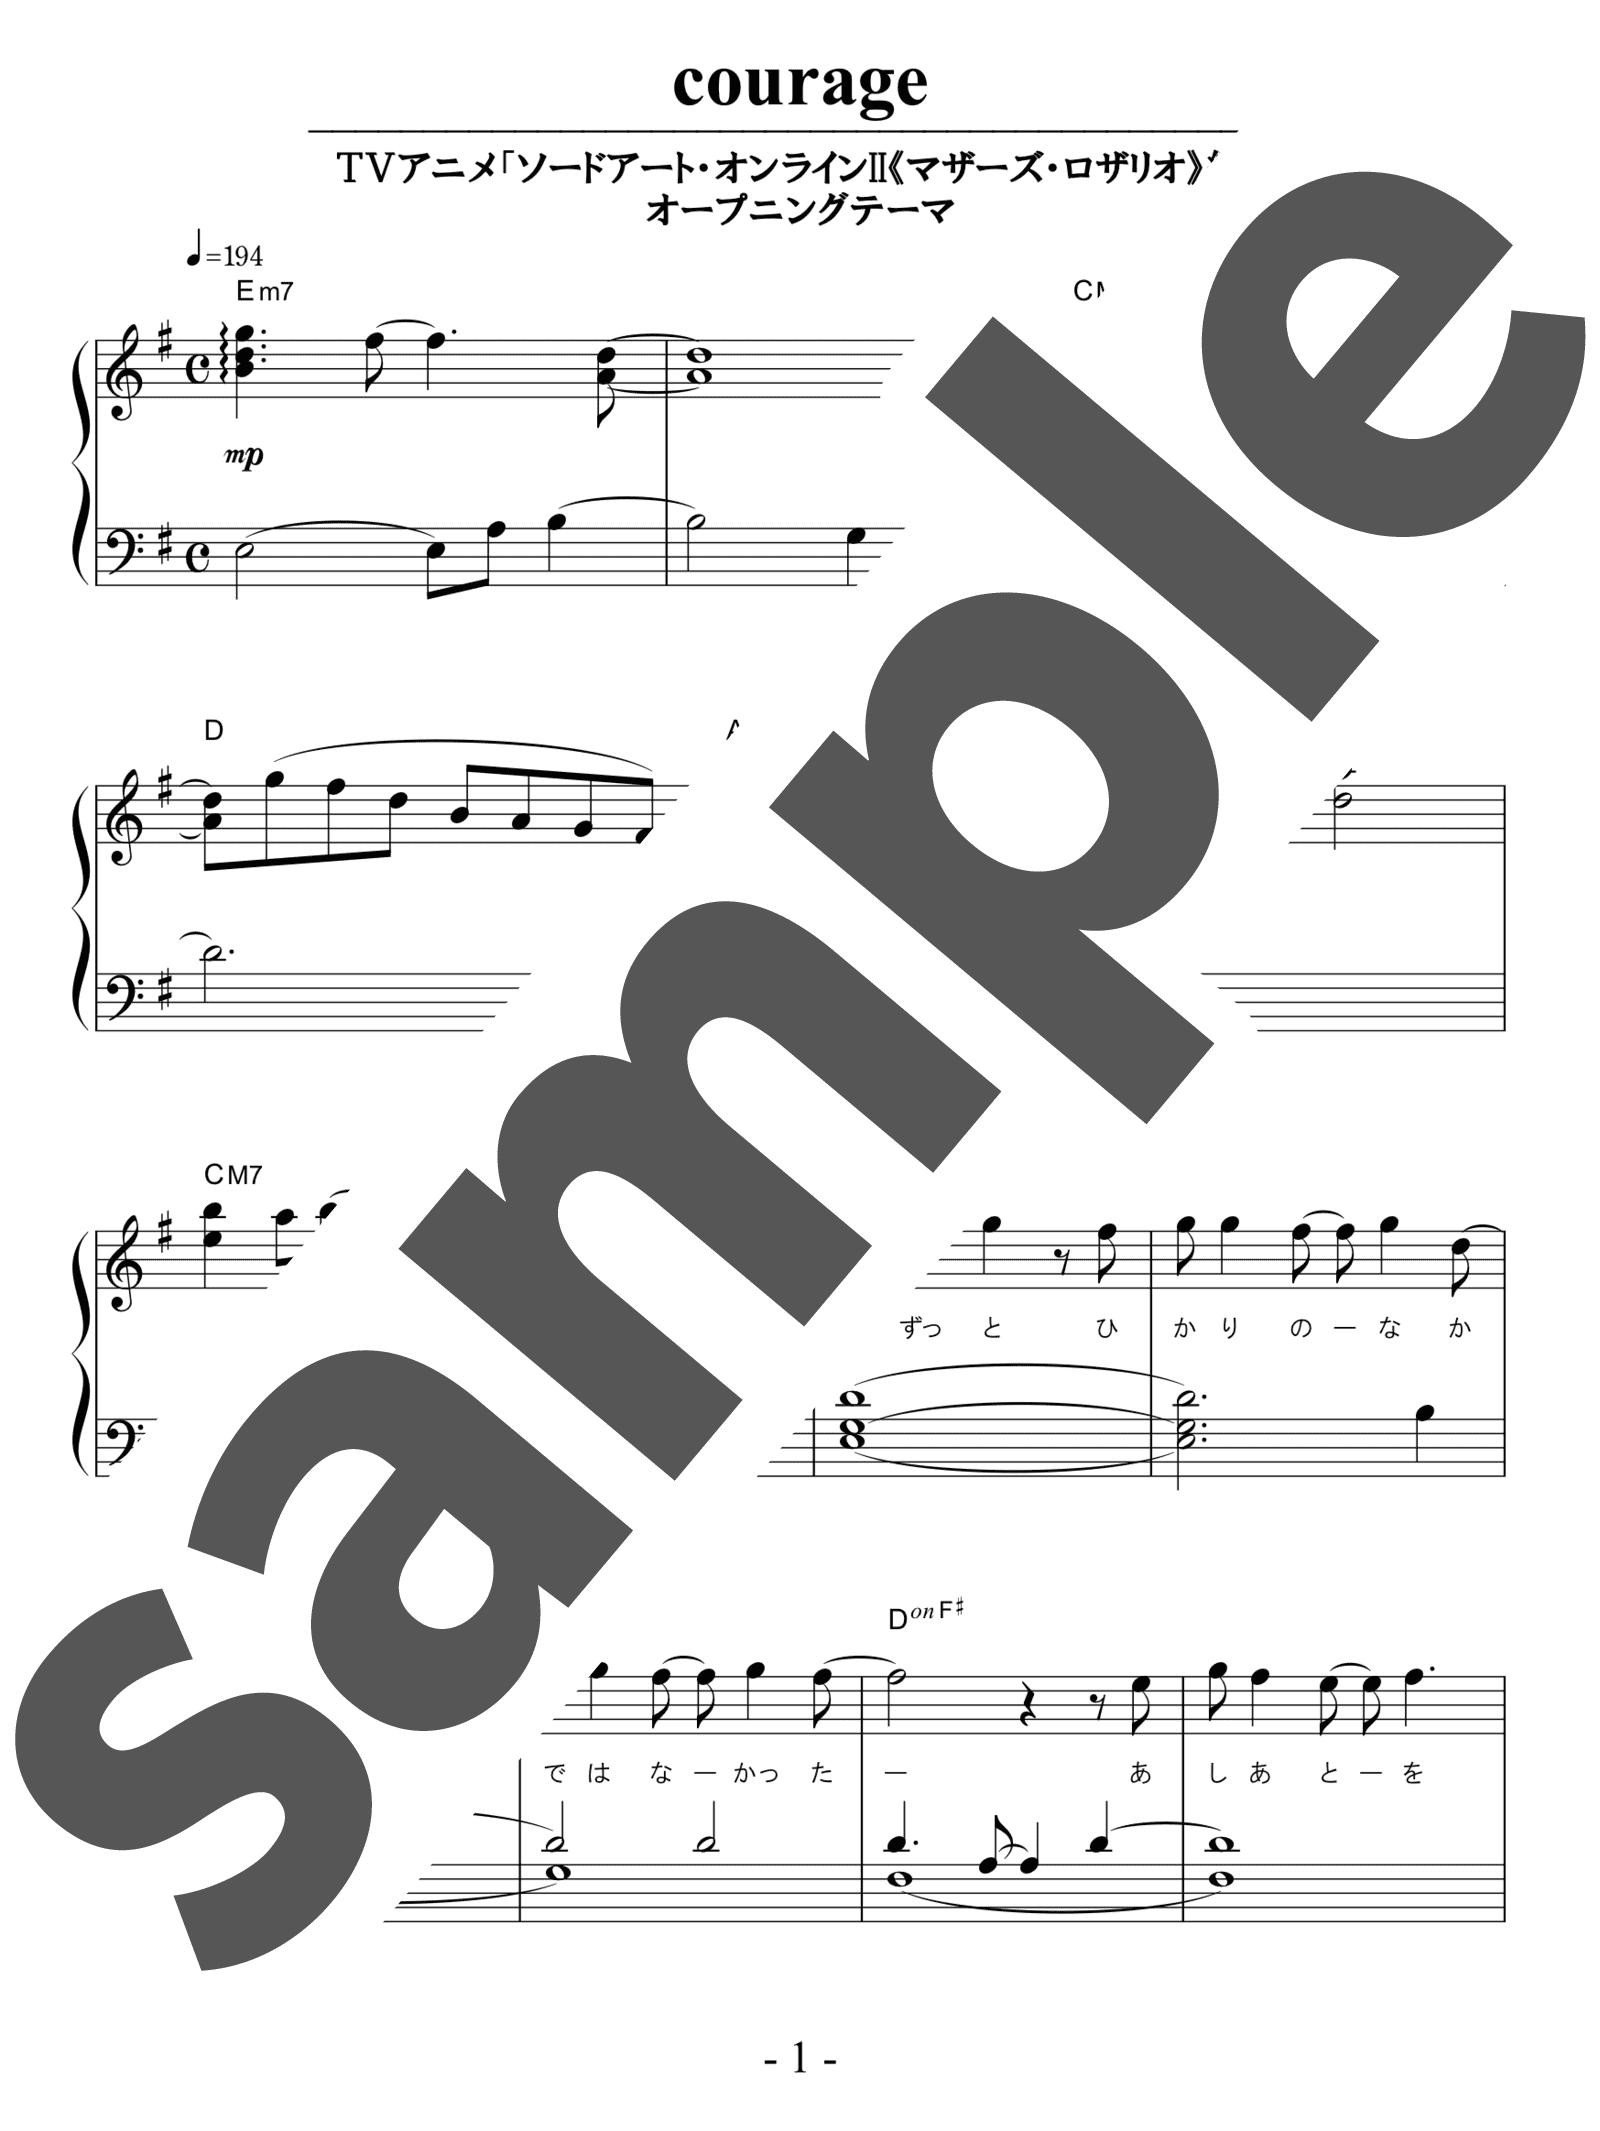 「courage」のサンプル楽譜